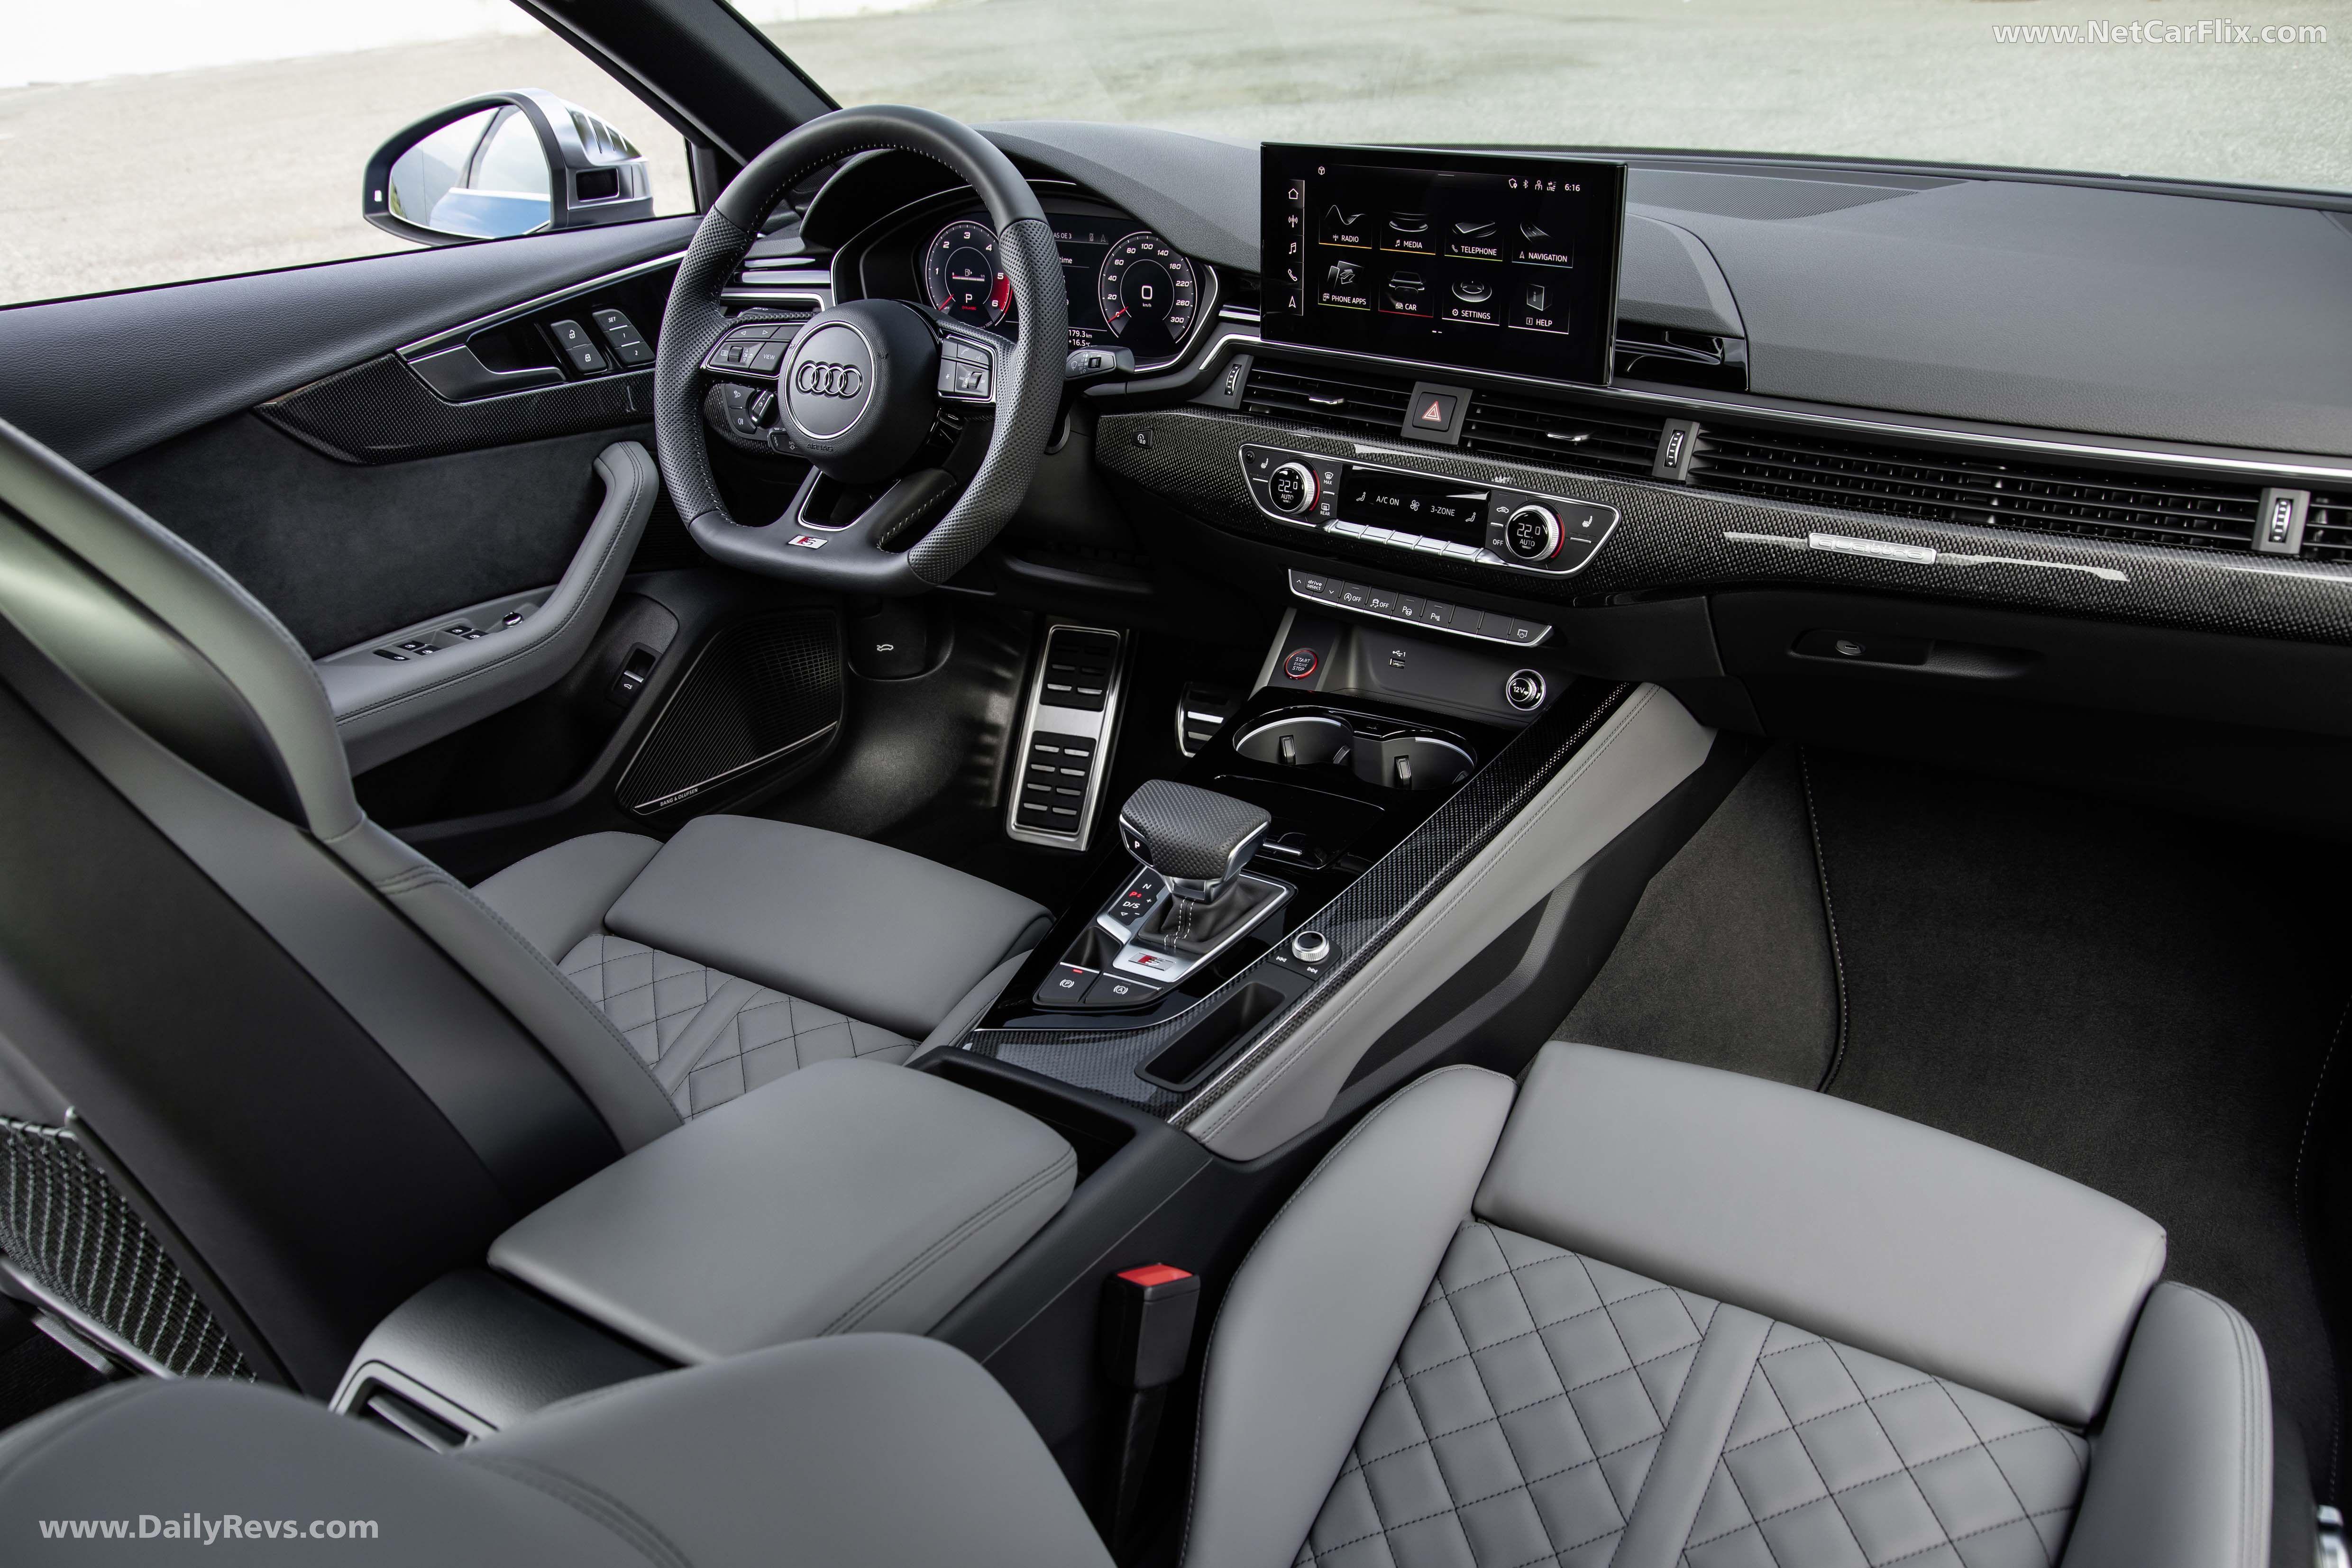 2020 Audi S4 Tdi Dailyrevs Audi S4 Audi Tdi